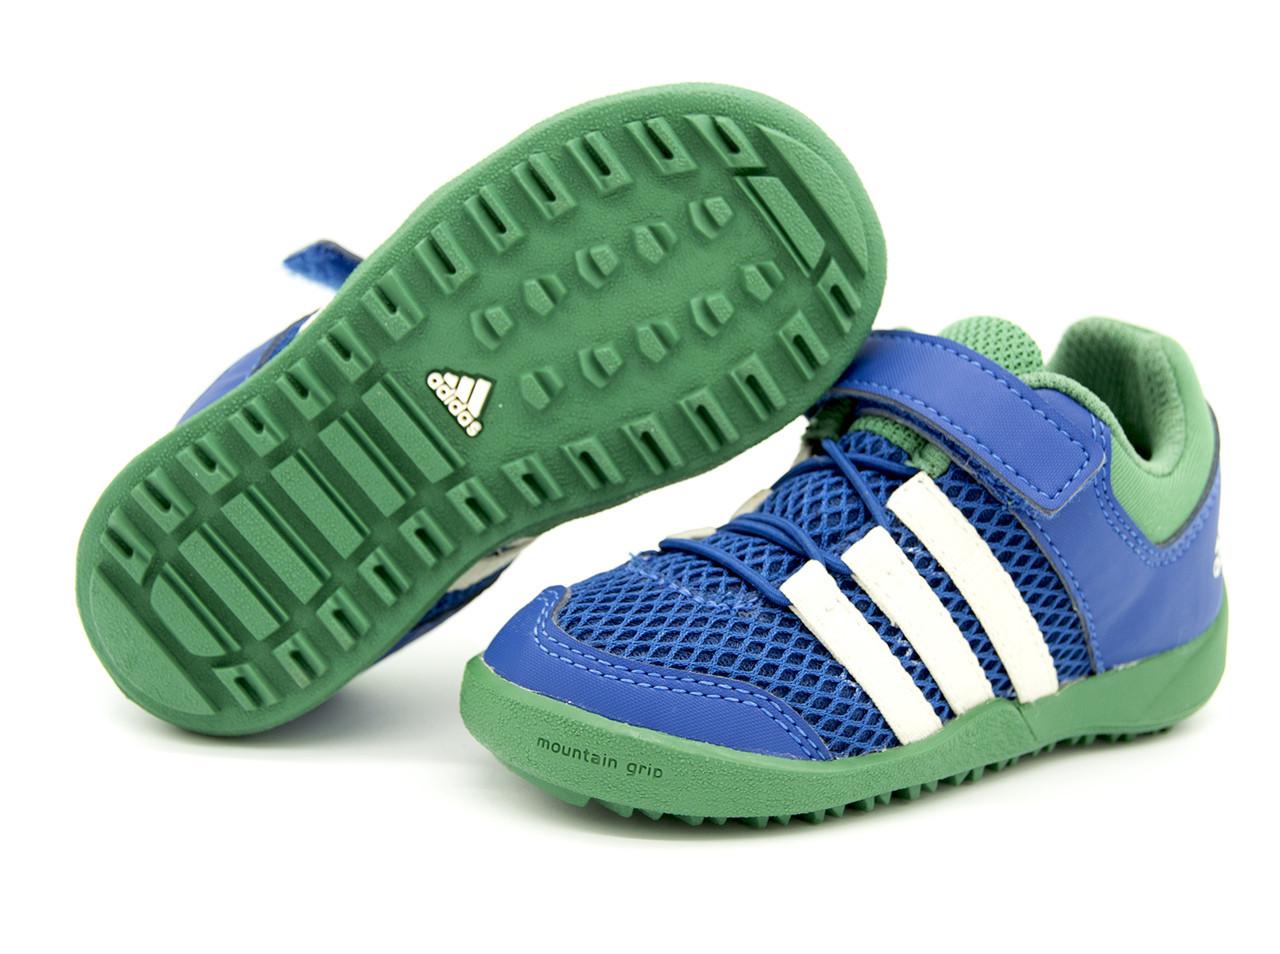 Кроссовки Adidas для мальчика Размер - 22 (14 см)